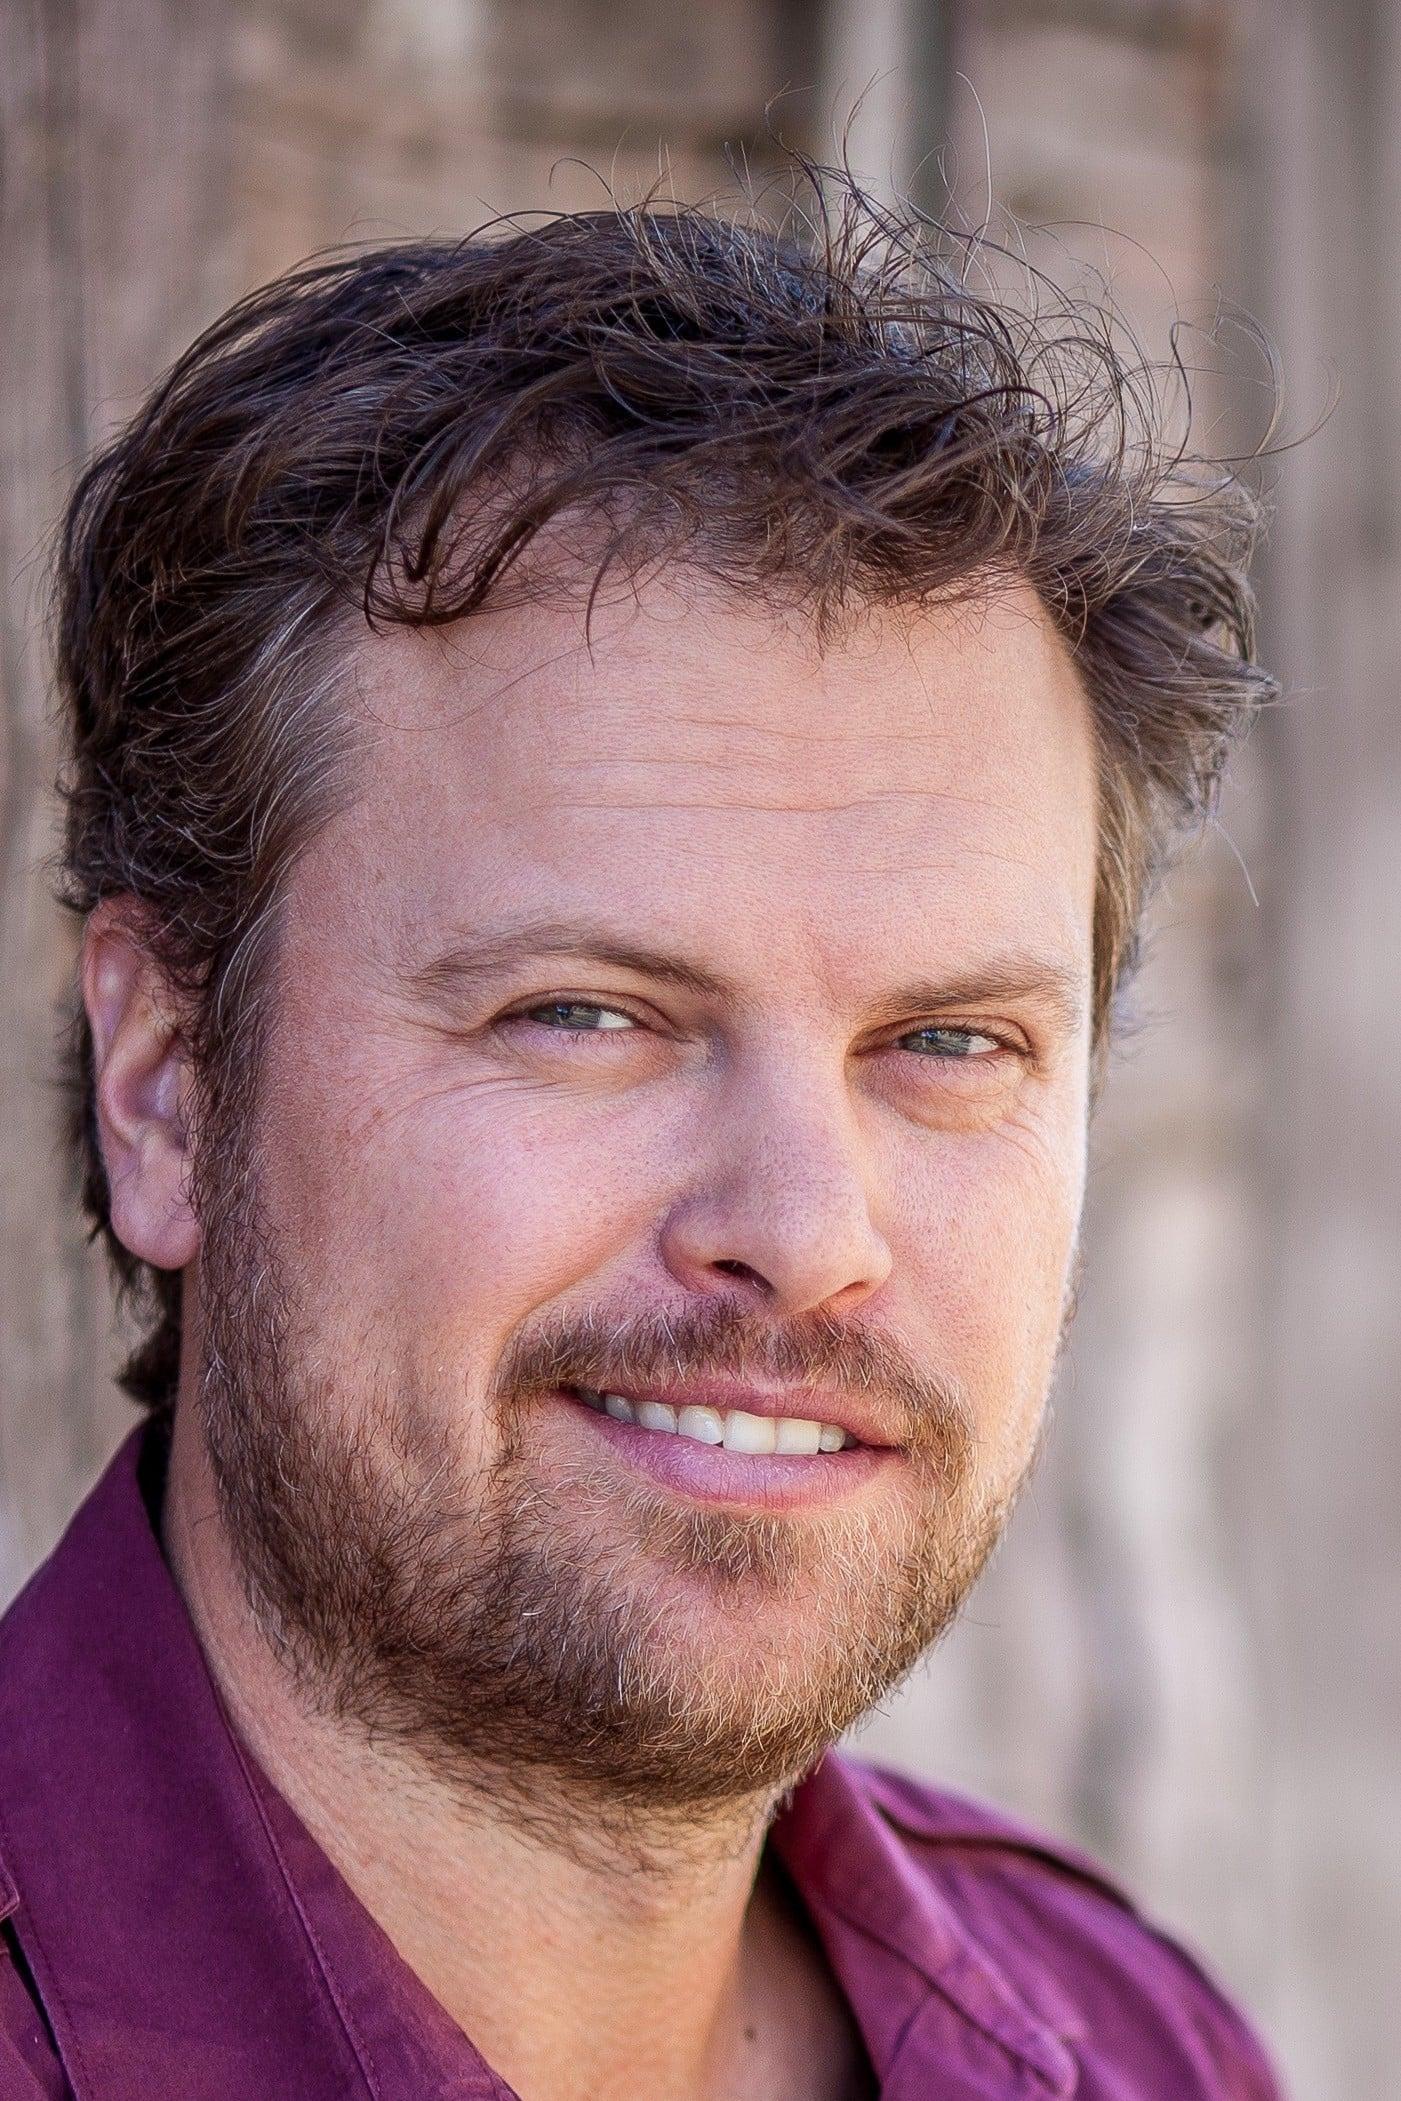 Chris Ippolito